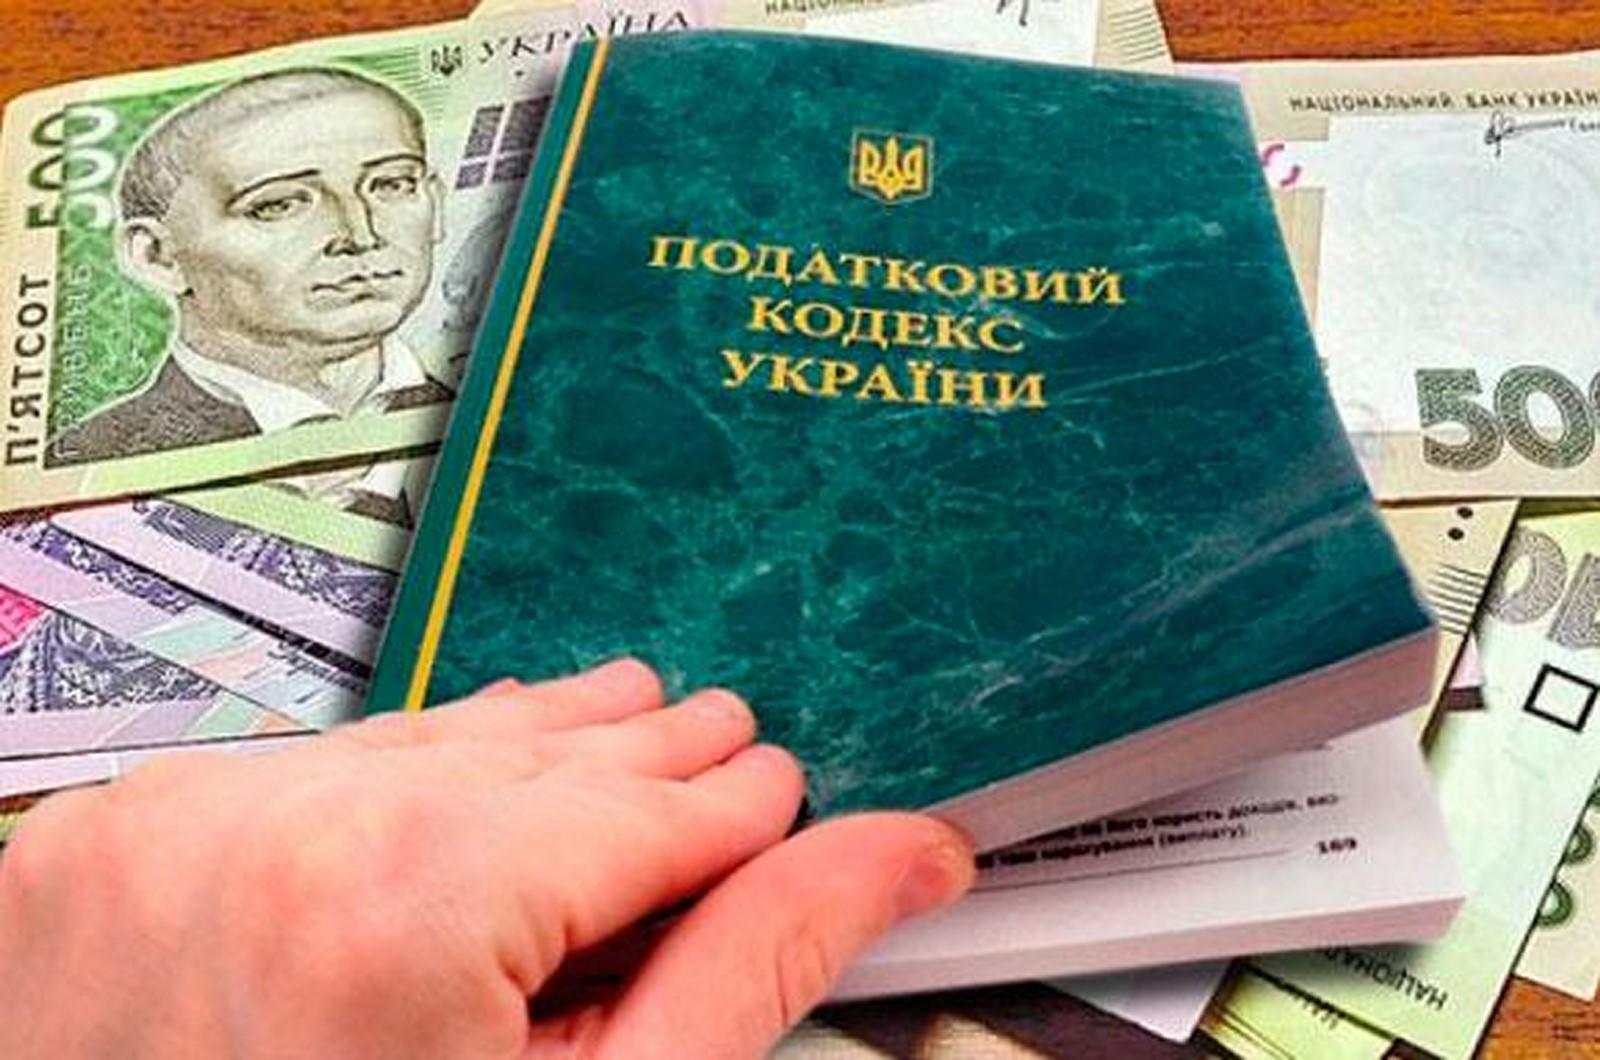 """В """"Голосе Украины"""" опубликовали закон о поддержке культуры, туризма и креативных индустрий"""